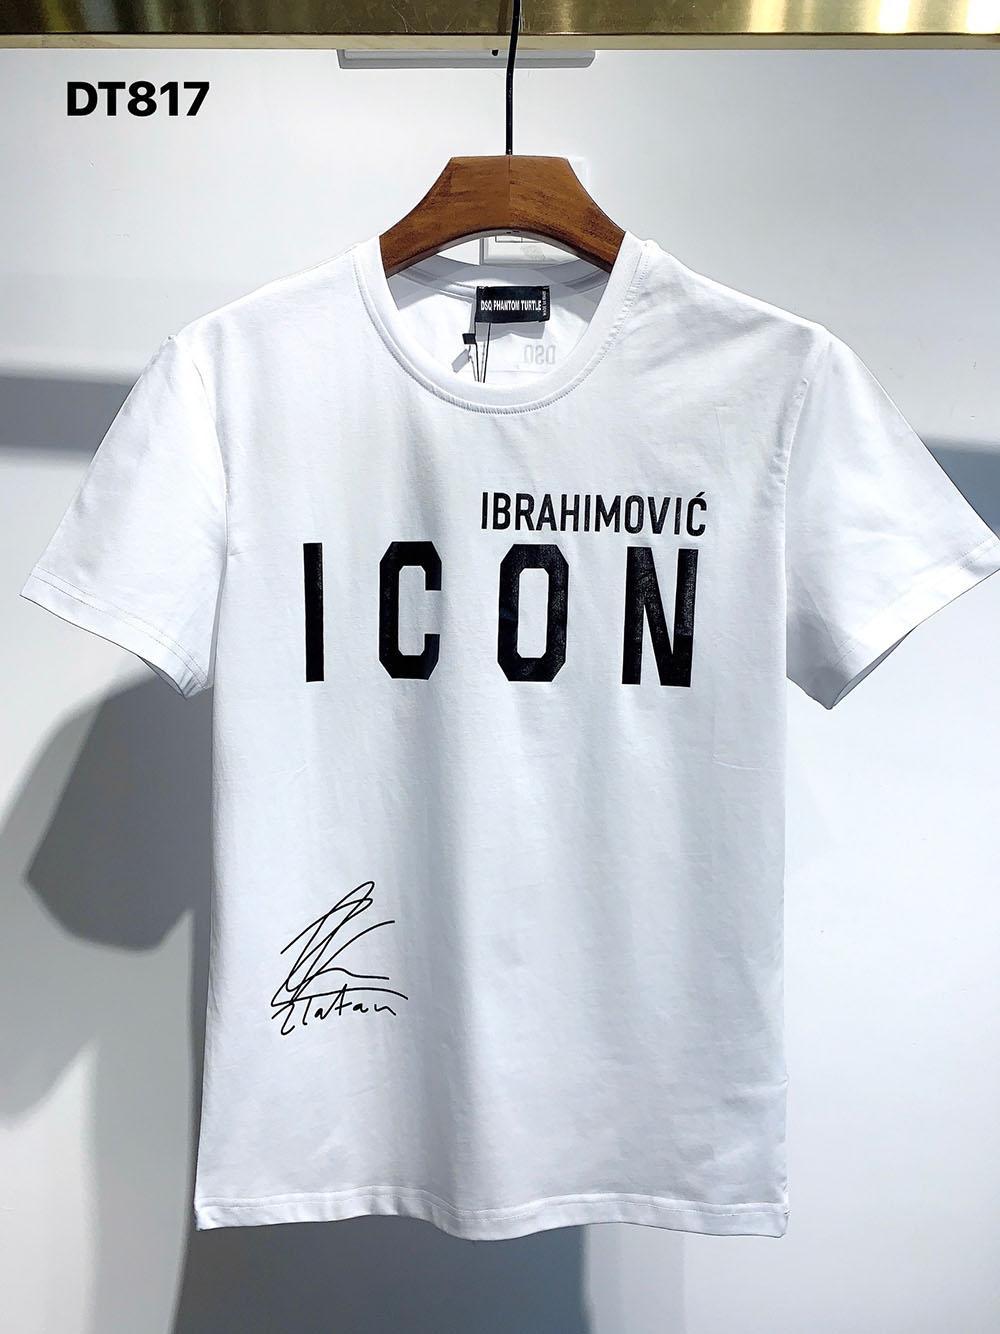 DSQ Phantom Turtle 2021SS Novo Mens Designer T Shirt Paris Moda Tshirts Verão DSQ T-shirt T-shirt Masculino Qualidade superior 100% Algodão Top 1069